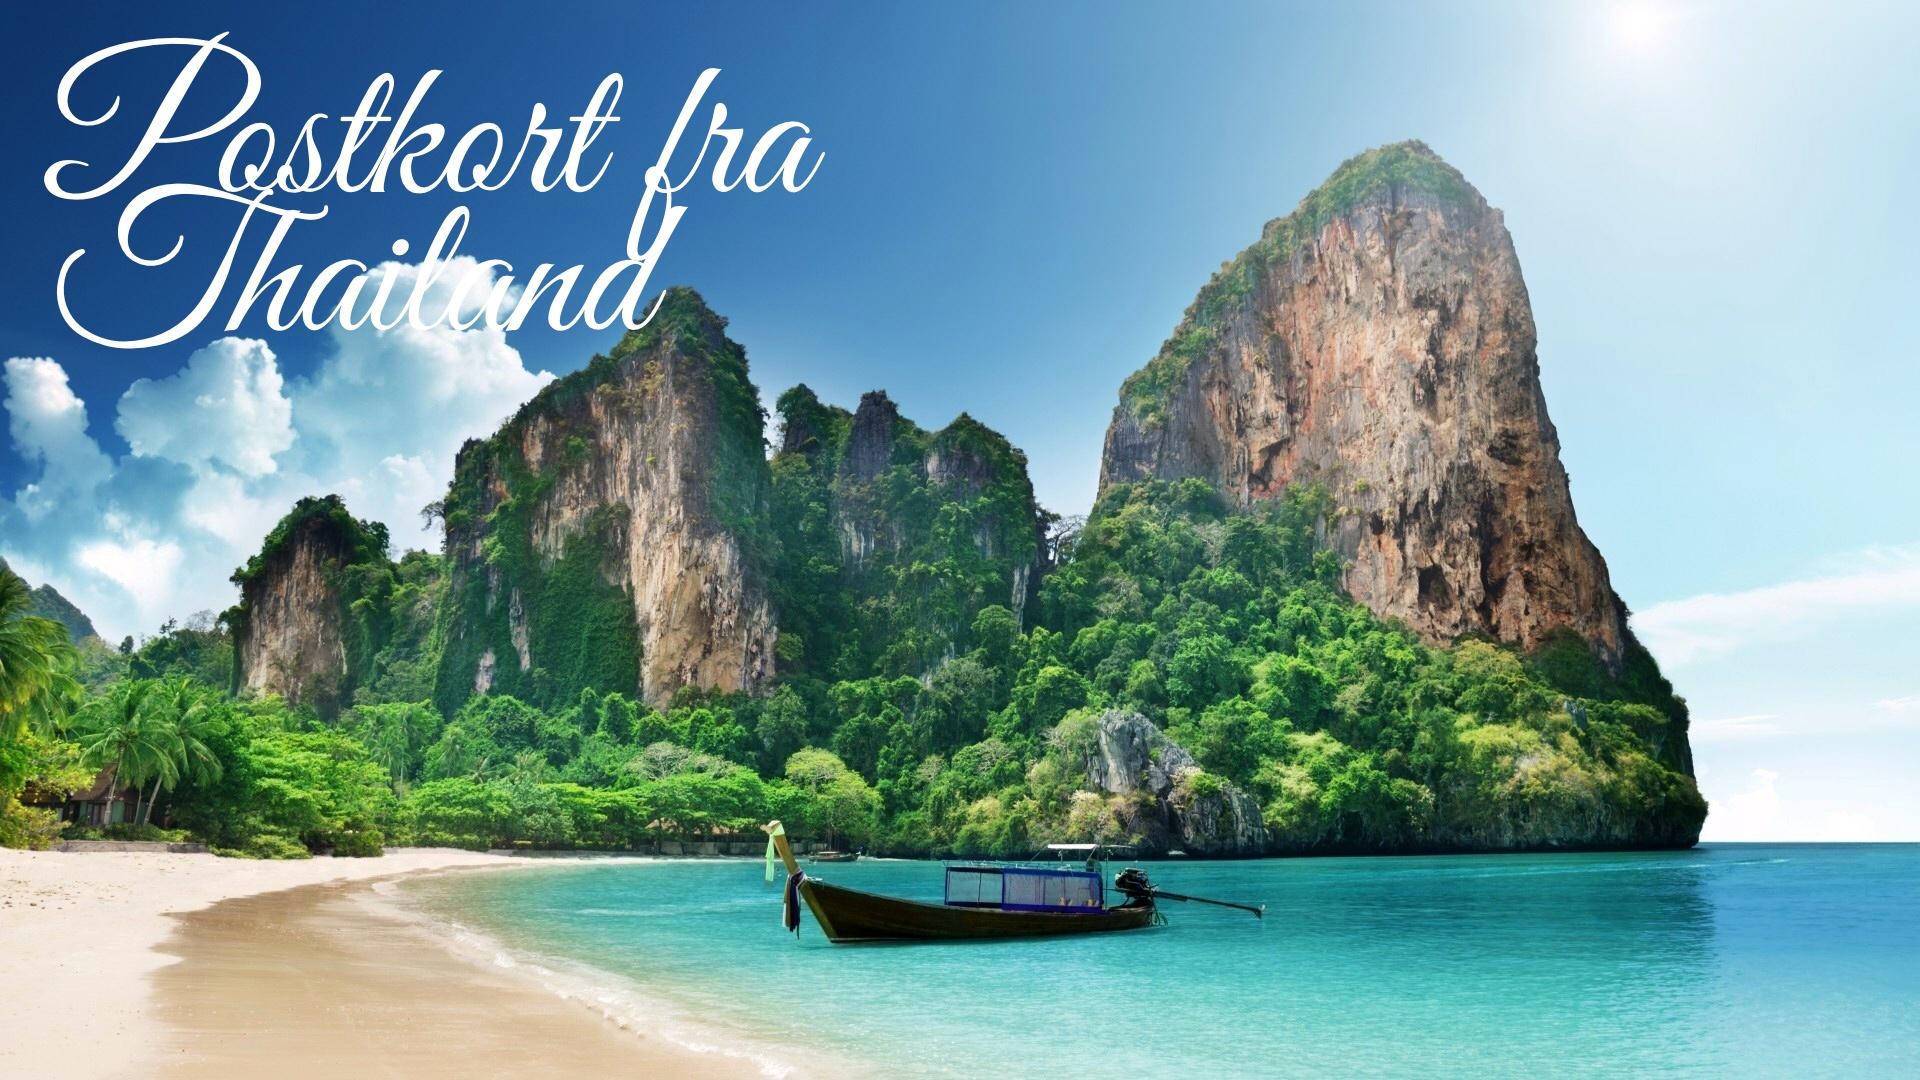 Postkort fra Thailand